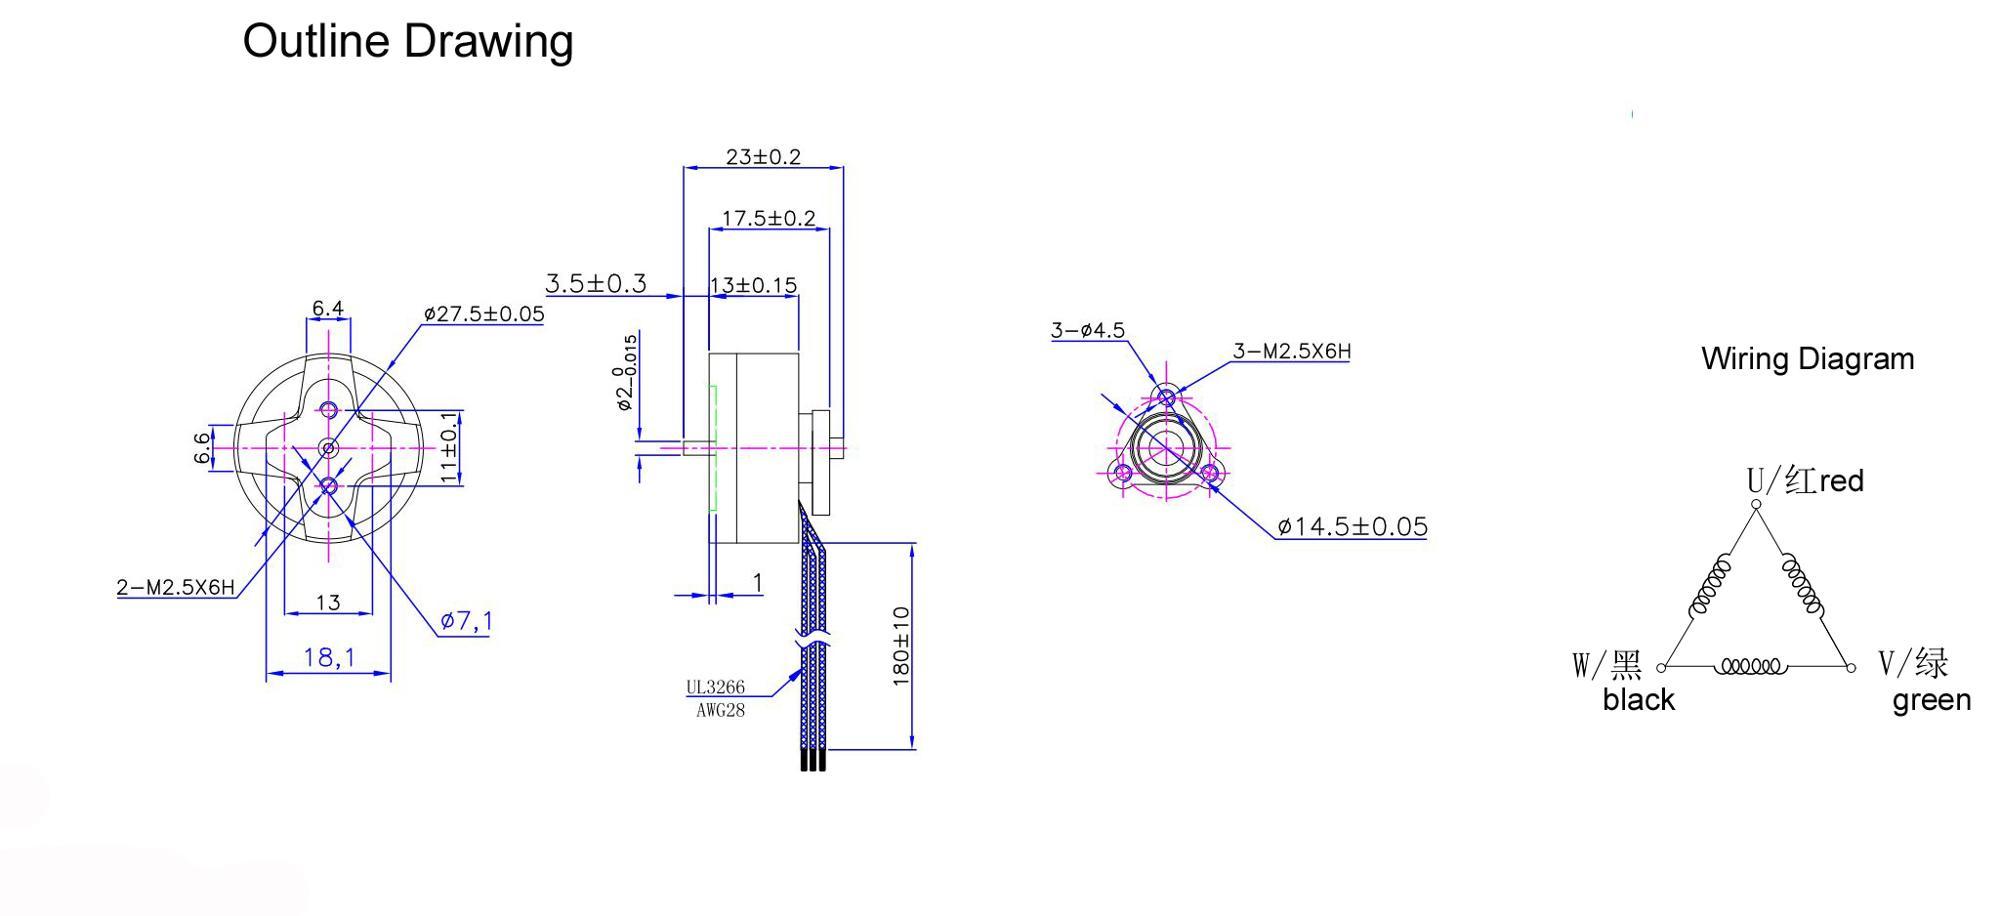 Hochwertiger Motor Für Drohne 3 Phase 27 Bldc 10000 U/min